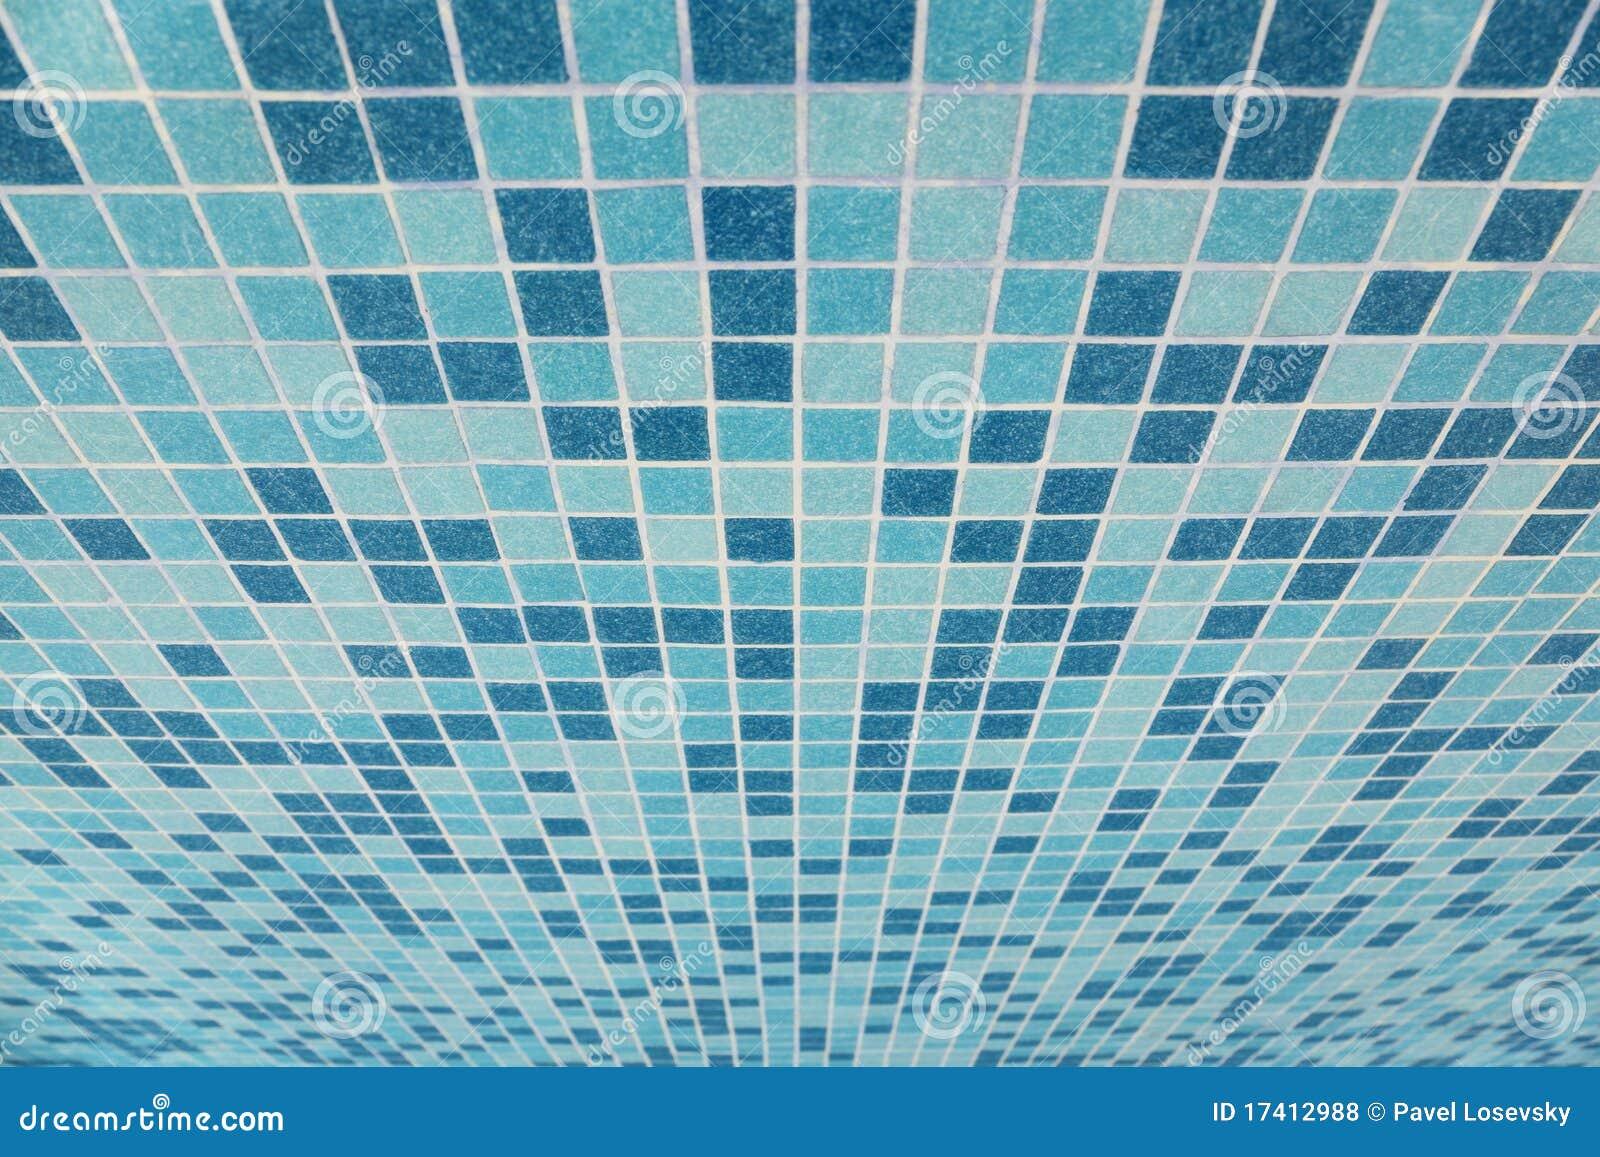 bad deckte beschaffenheit mit blauen quadraten mit ziegeln, Hause ideen